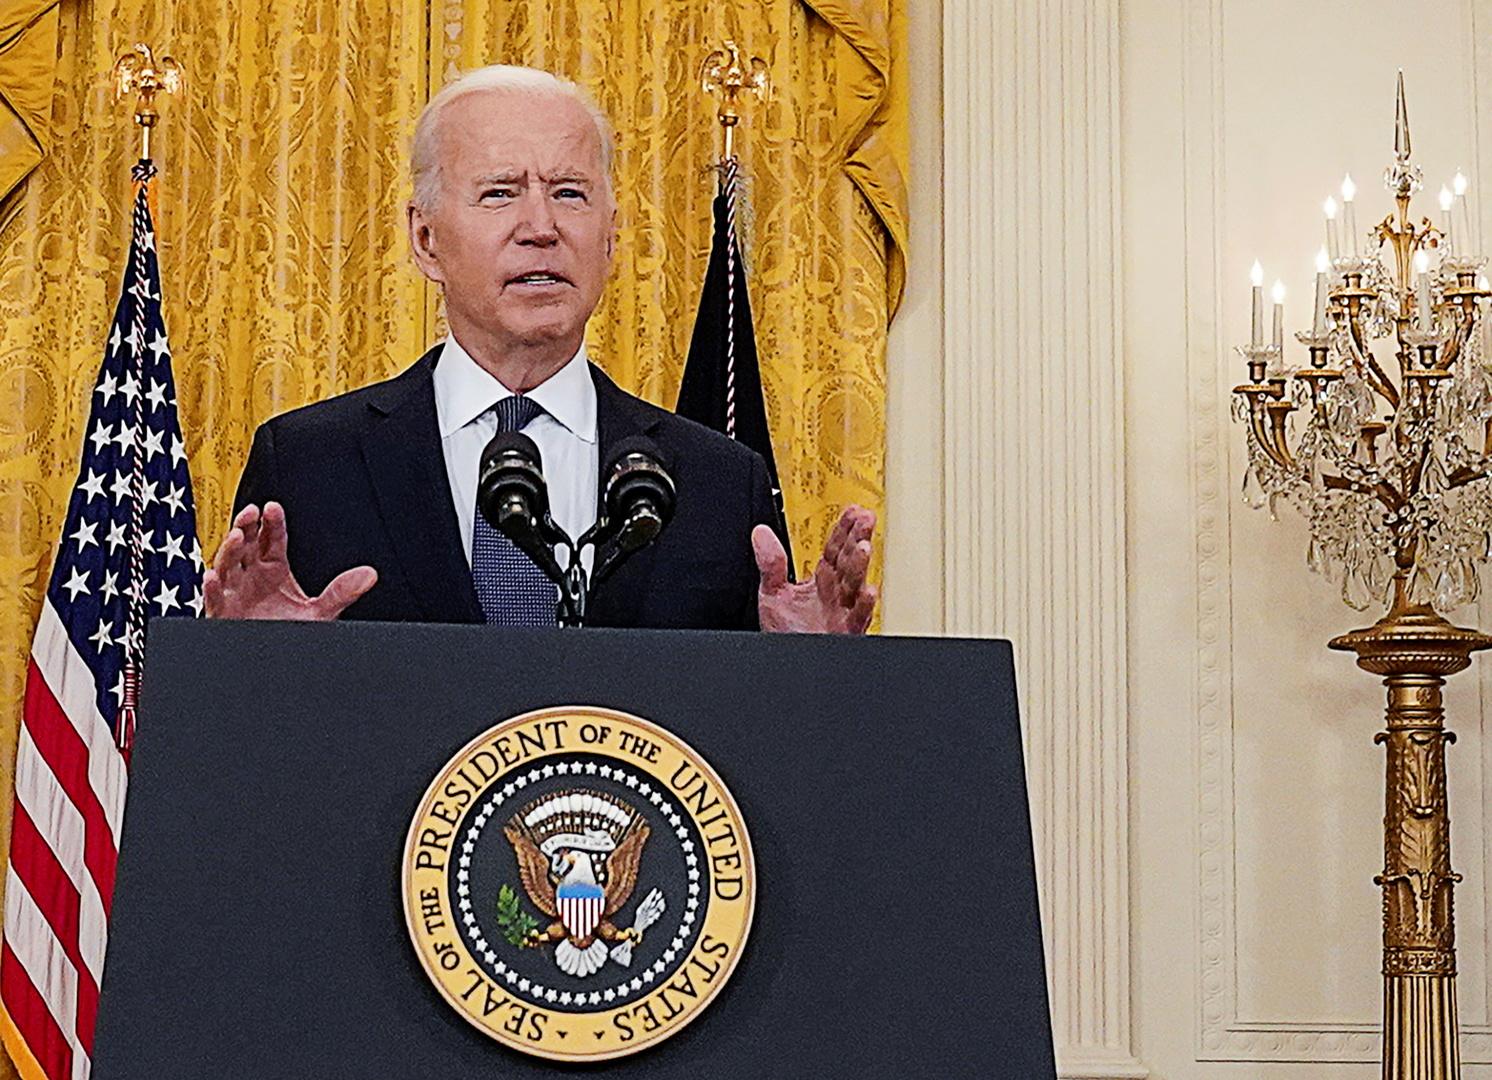 بايدن يوقع أمرا تنفيذيا حول تعزيز الأمن السيبراني للولايات المتحدة